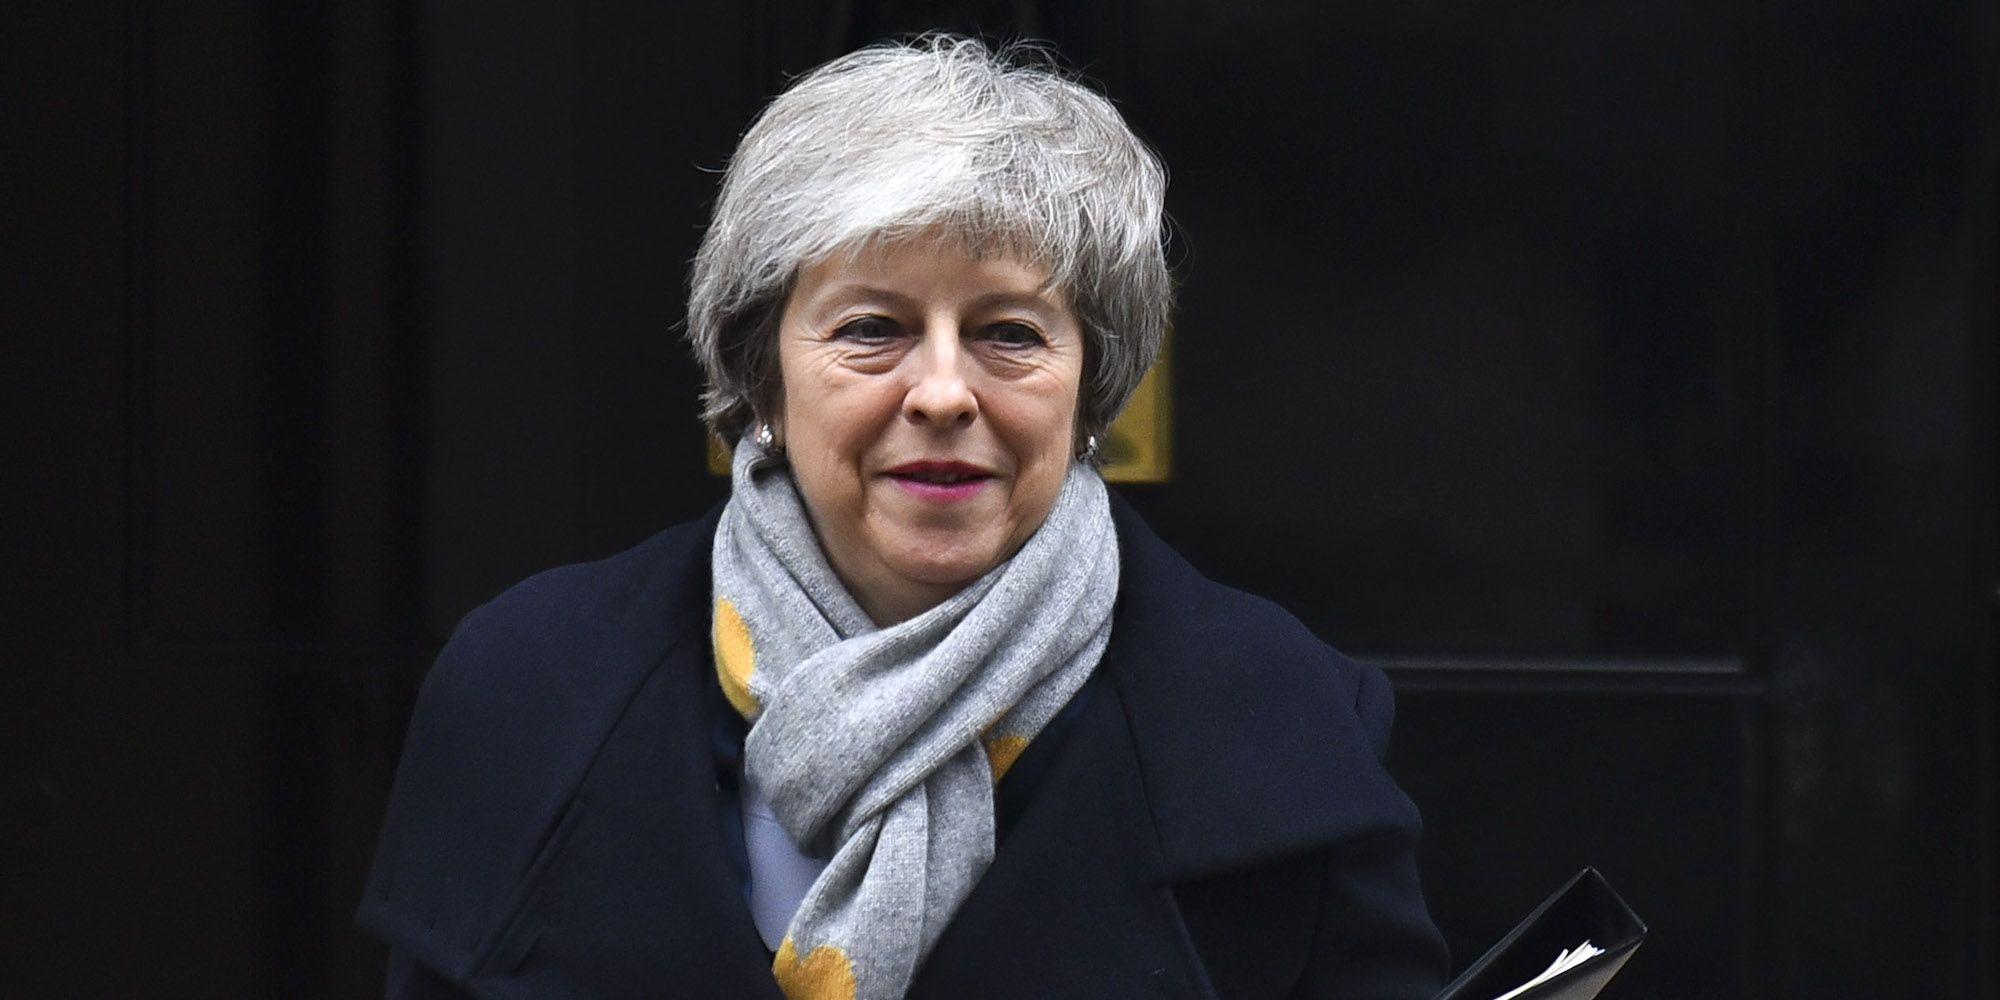 Theresa May leves 10 Downing Street